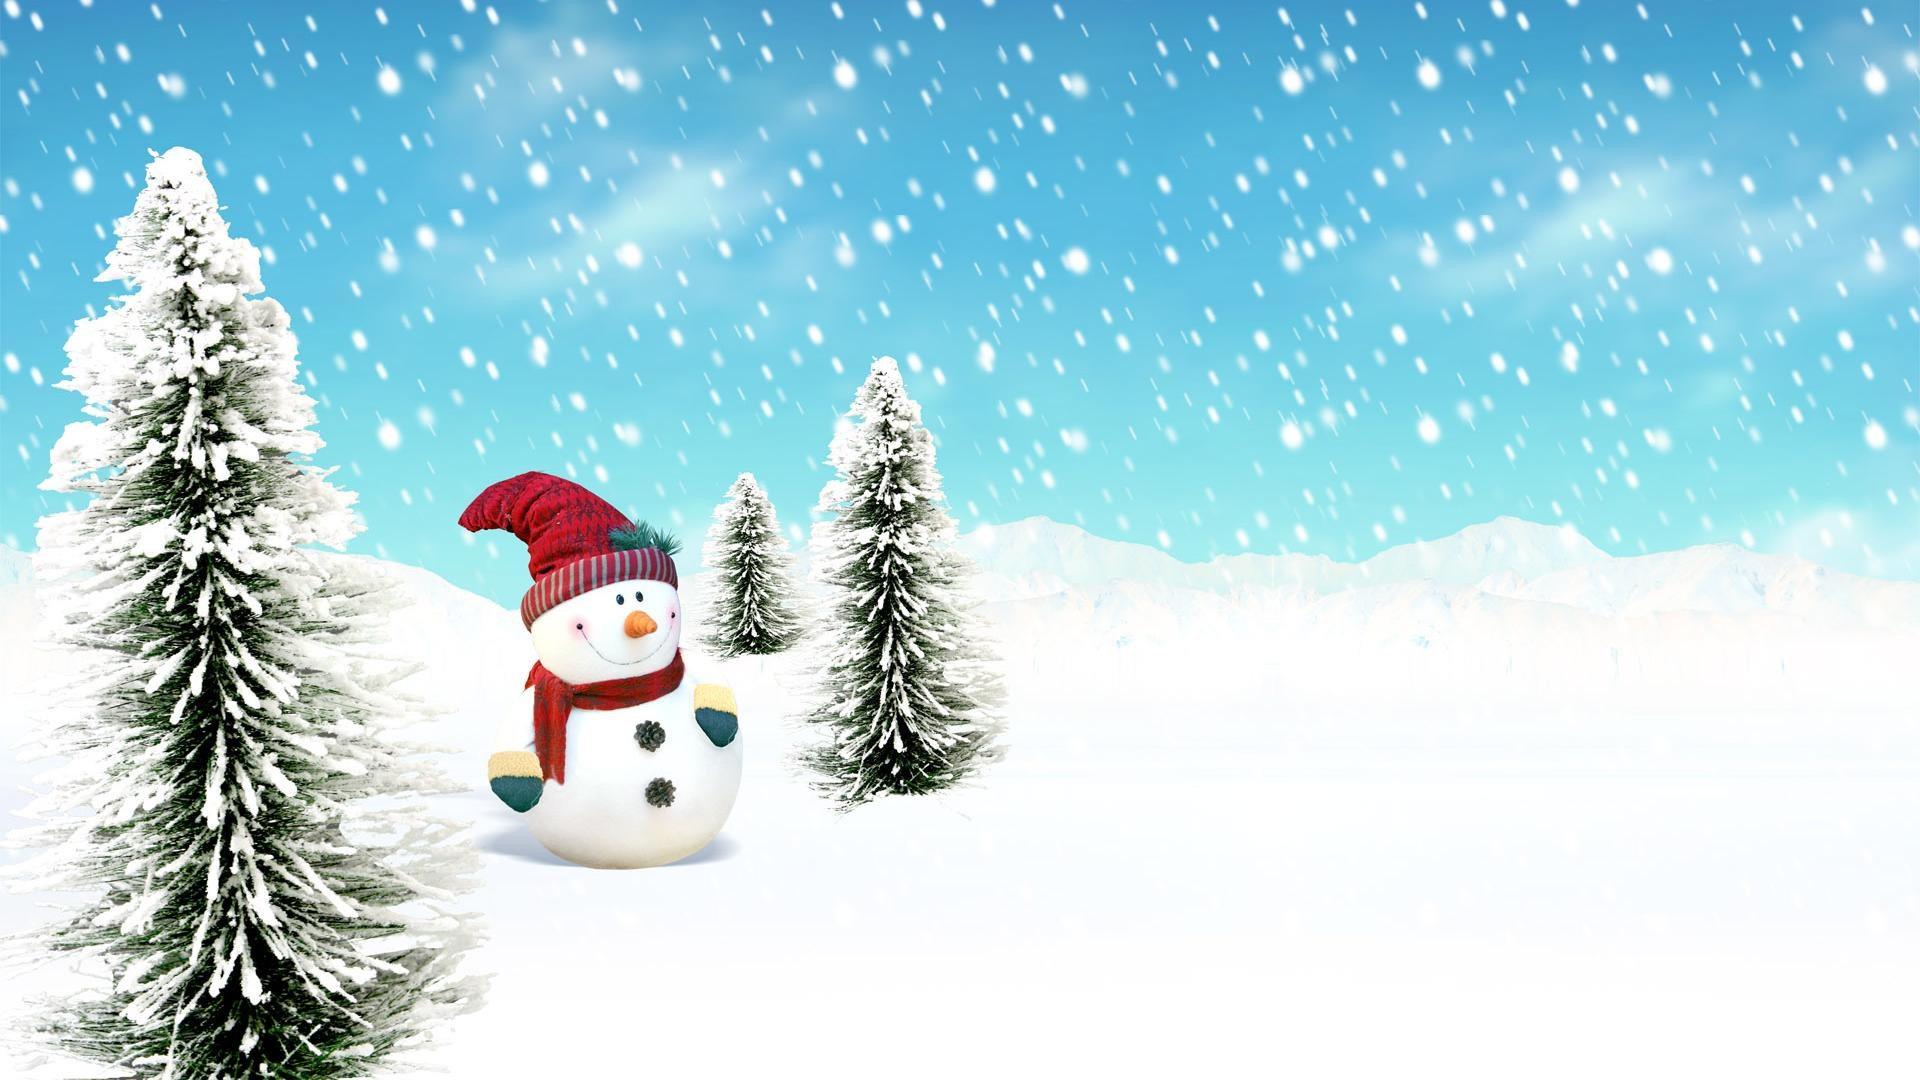 Christmas Snowman Wallpaper 1920x1080 8734 Wallpaper Cool 1920x1080